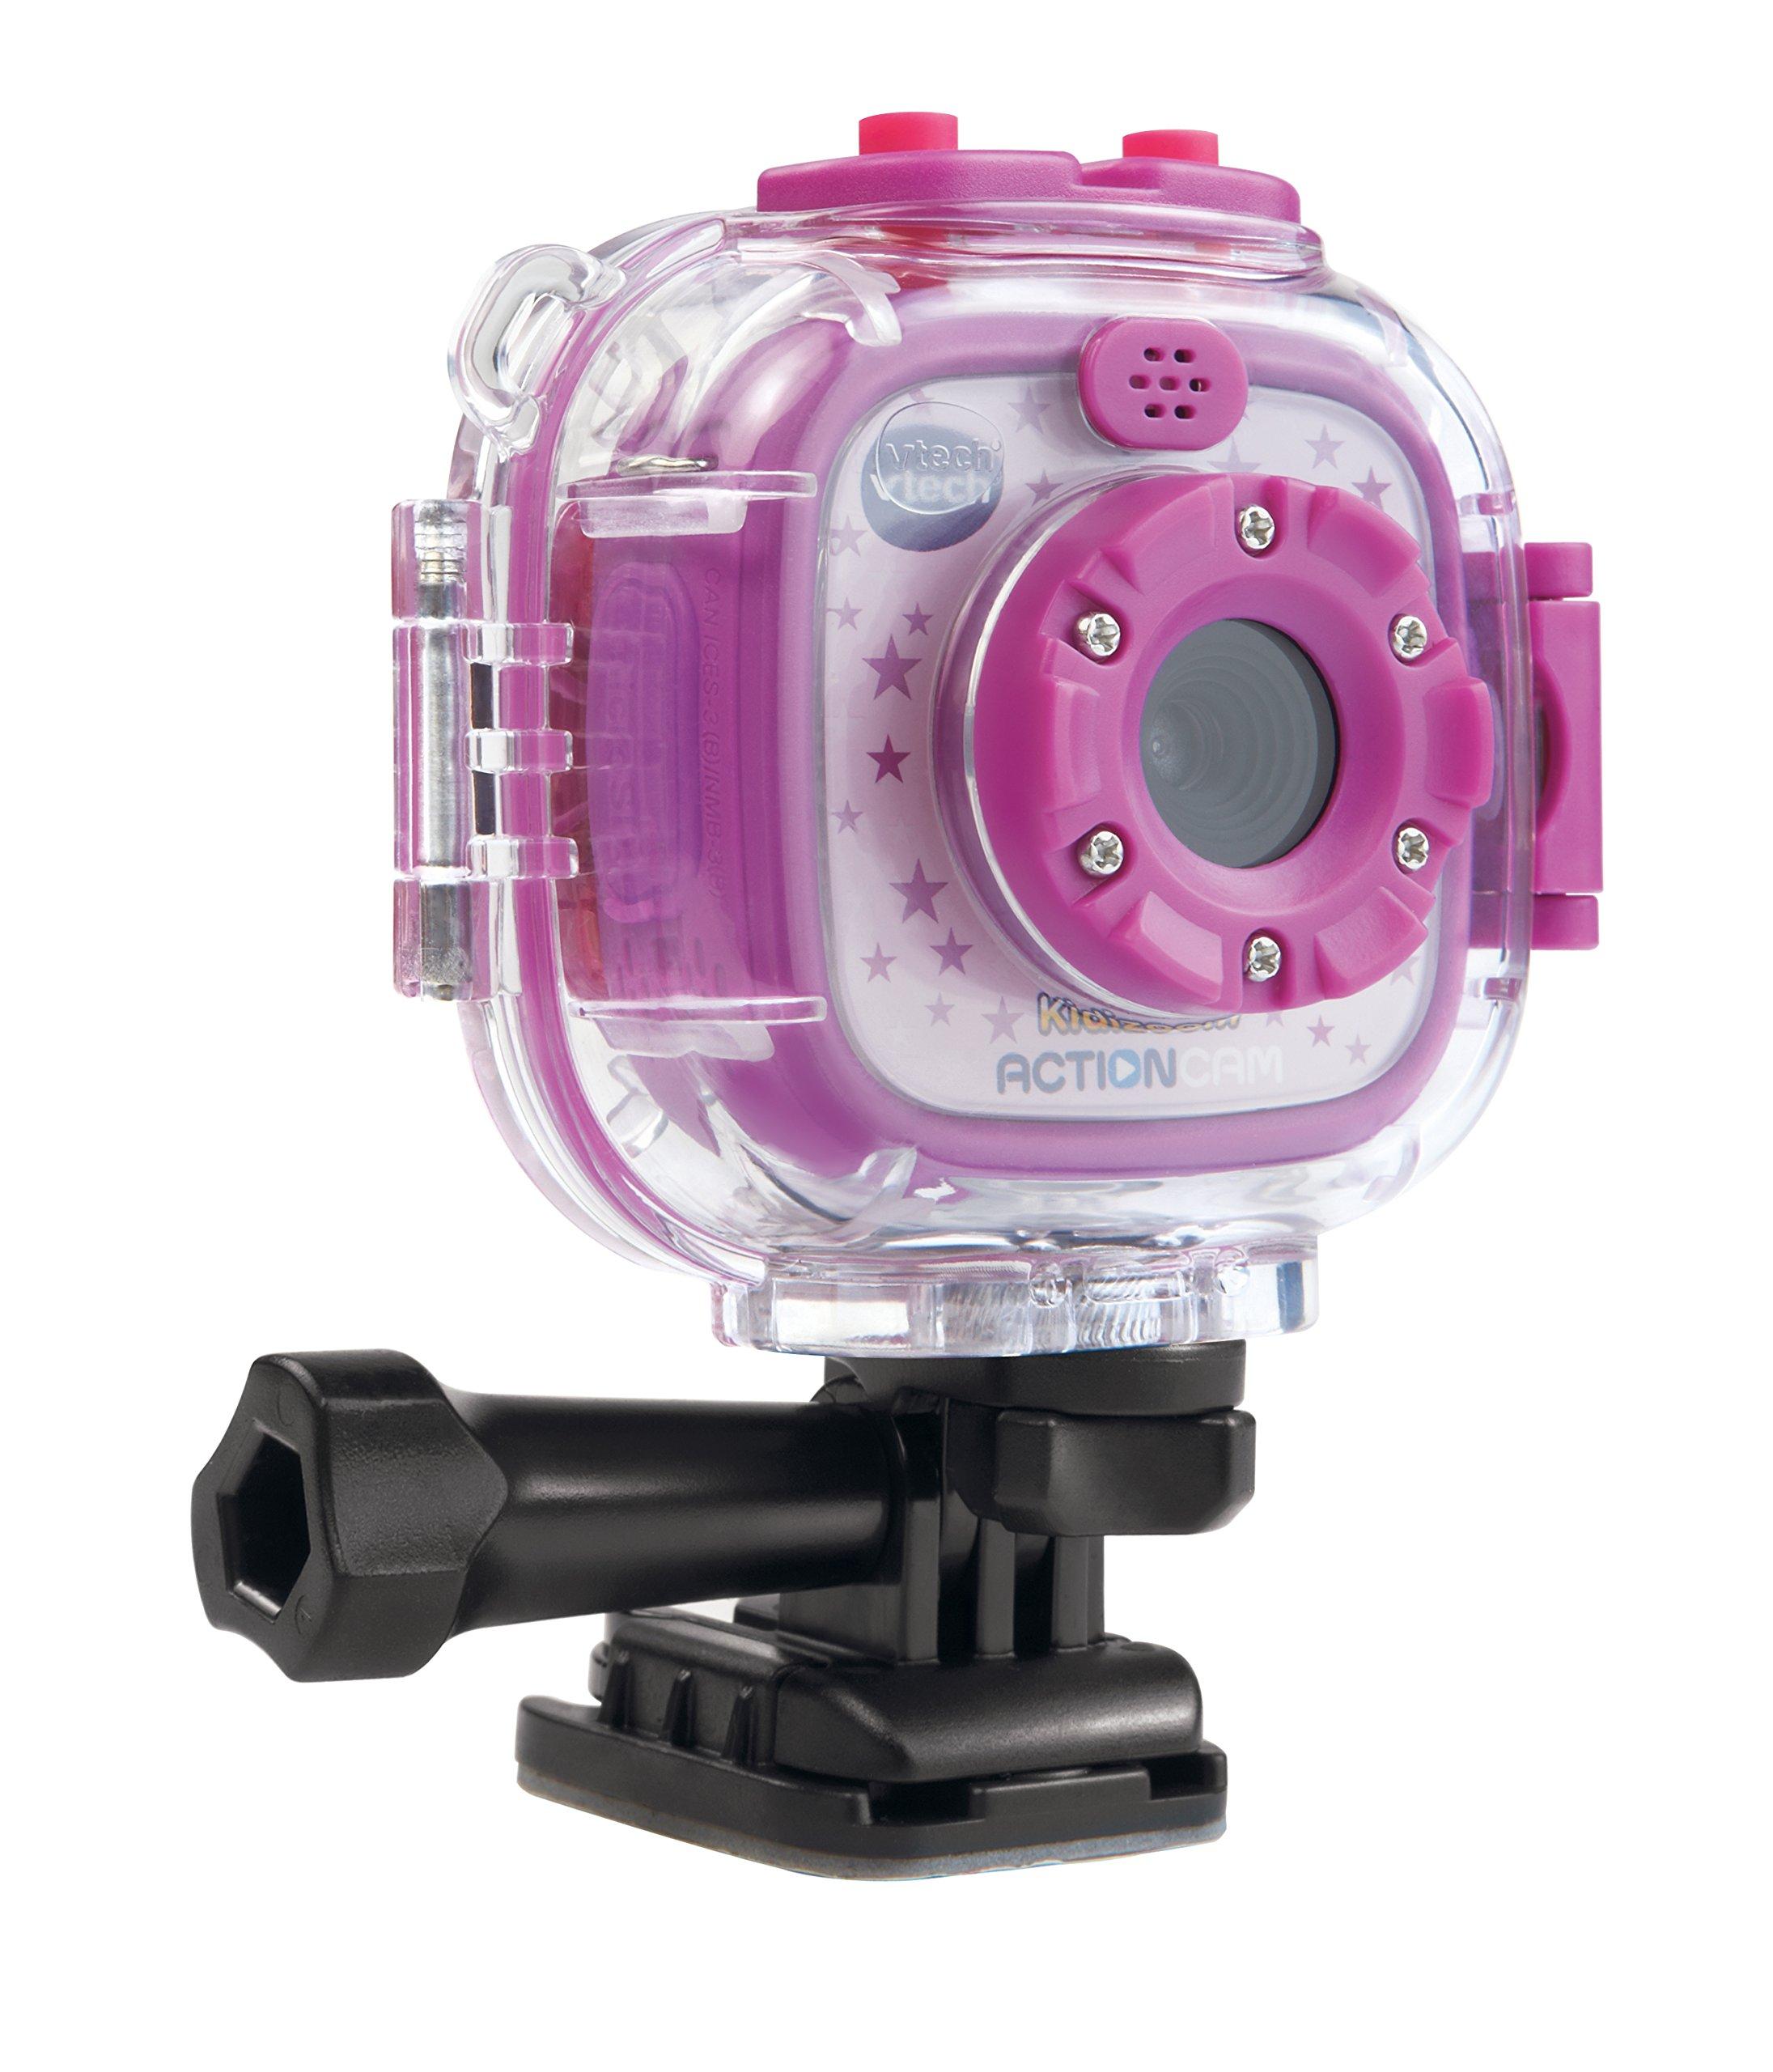 vtech kidizoom kids action cam camera purple new ebay. Black Bedroom Furniture Sets. Home Design Ideas